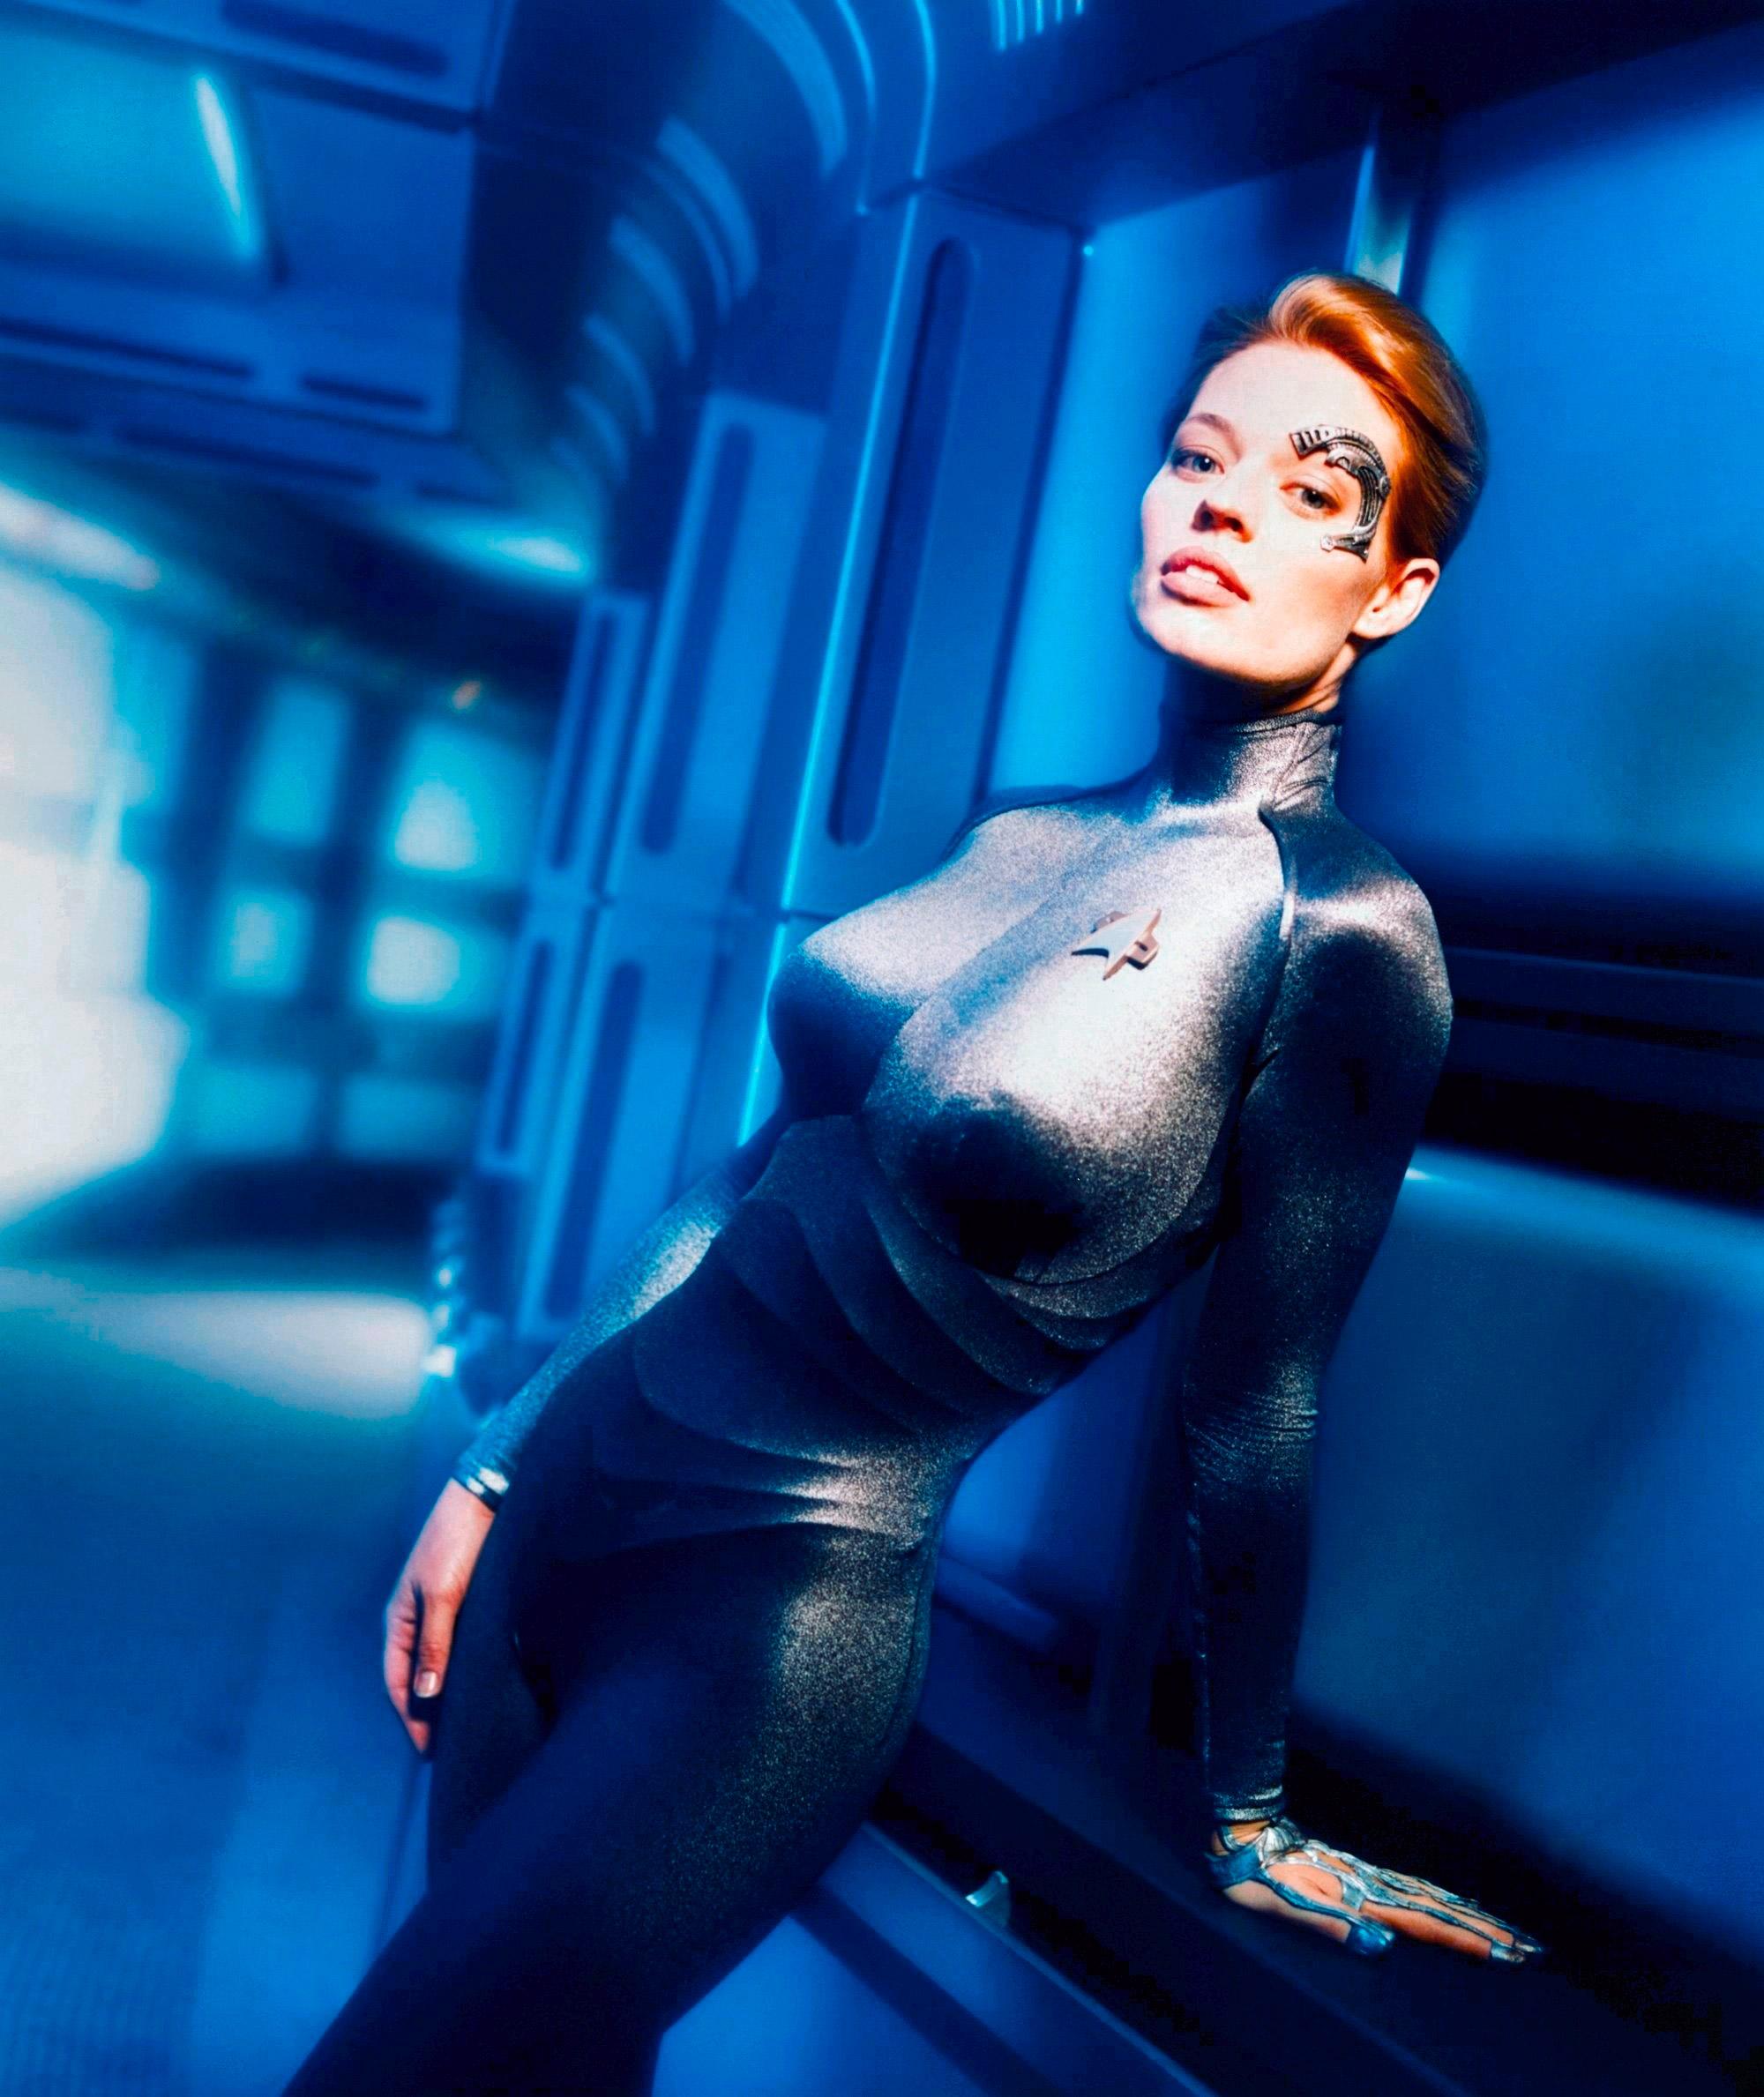 La plantureuse Jeri Ryan est Seven of Nine, humaine assimilée, enfant, au méchant collectif Borg, dans la série Star Trek : Voyager (1995 – 2001)